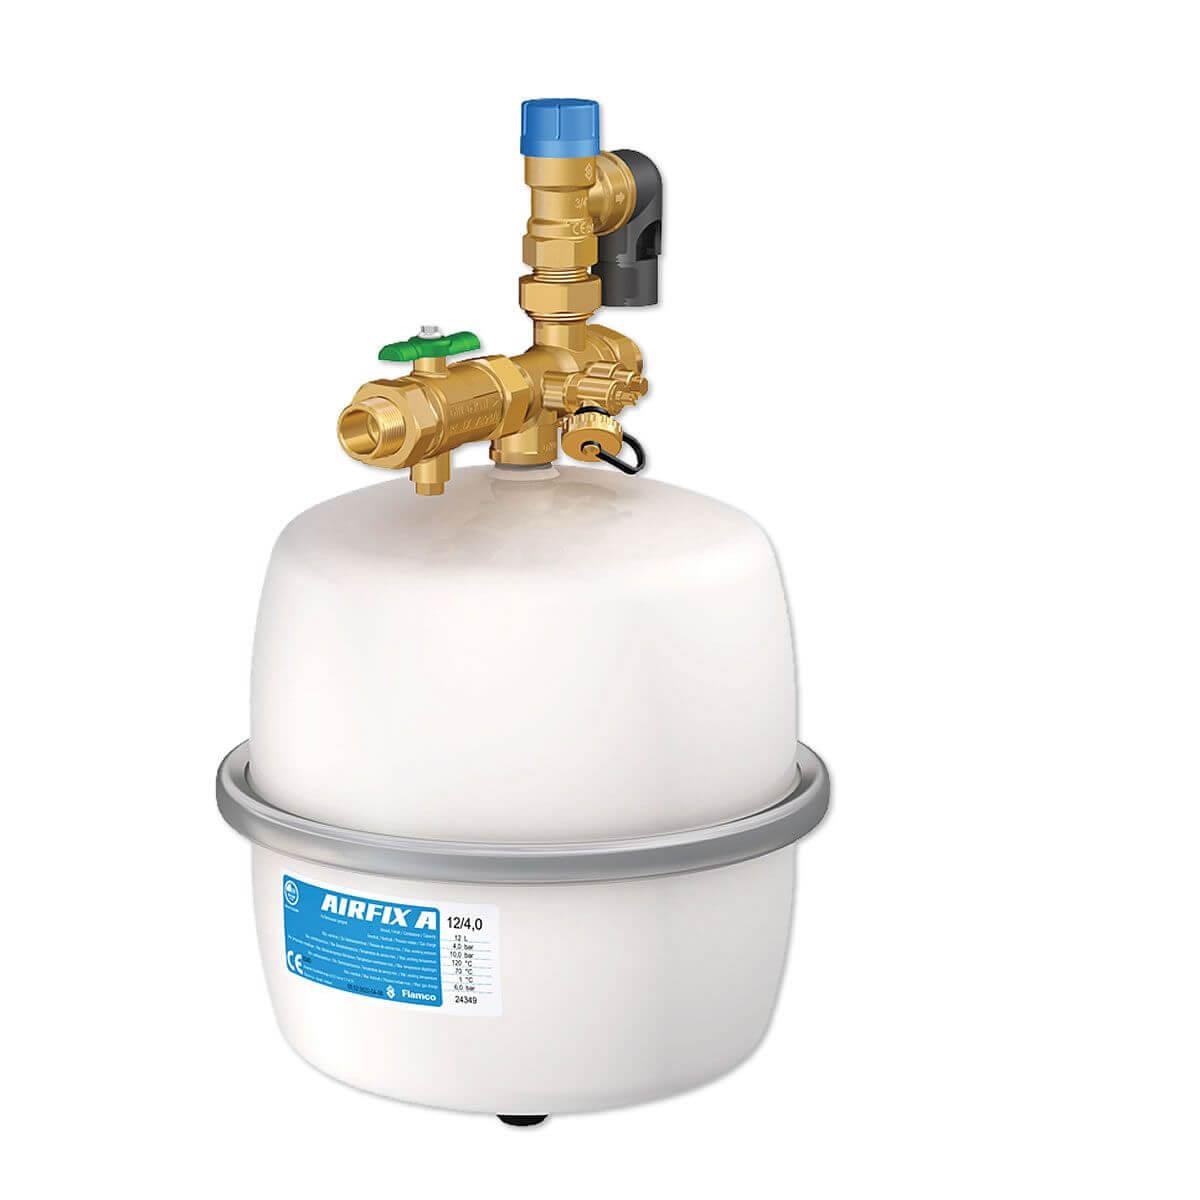 ausdehnungsgef airfix f r trinkwasser 12 liter sicherheitsventil 6 bar mit flamco securfix. Black Bedroom Furniture Sets. Home Design Ideas